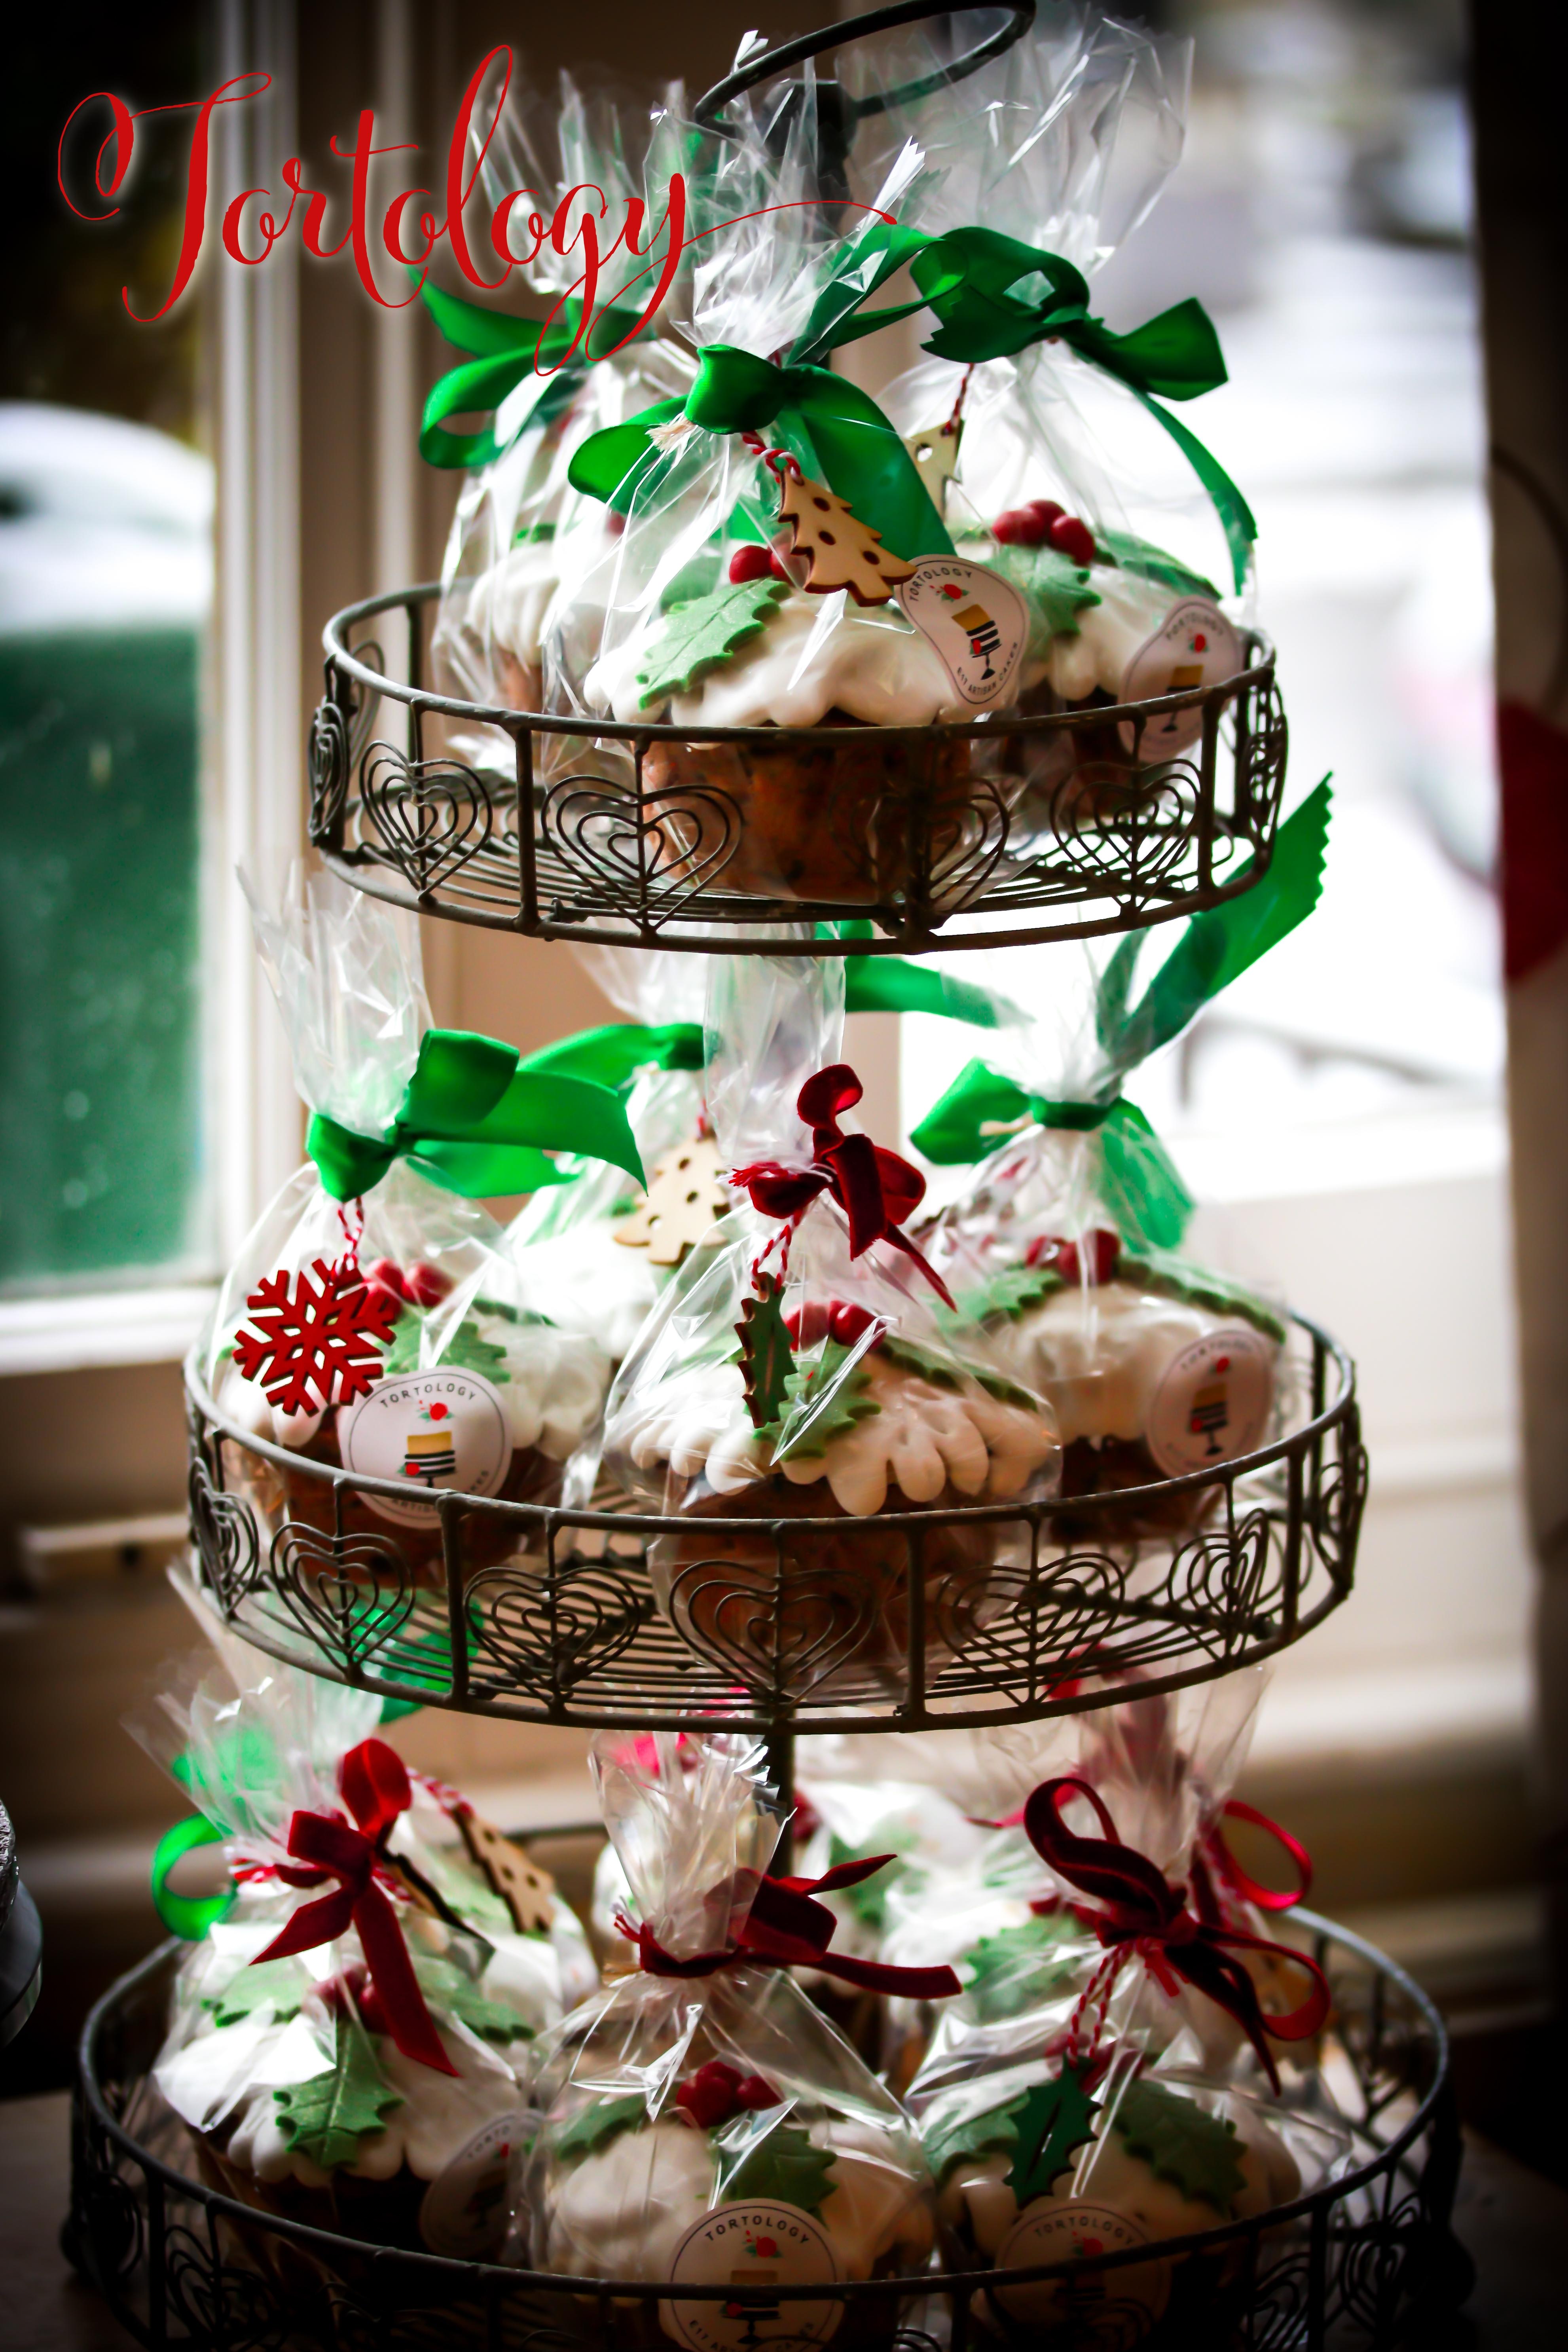 Mini Christmas Cakes Display